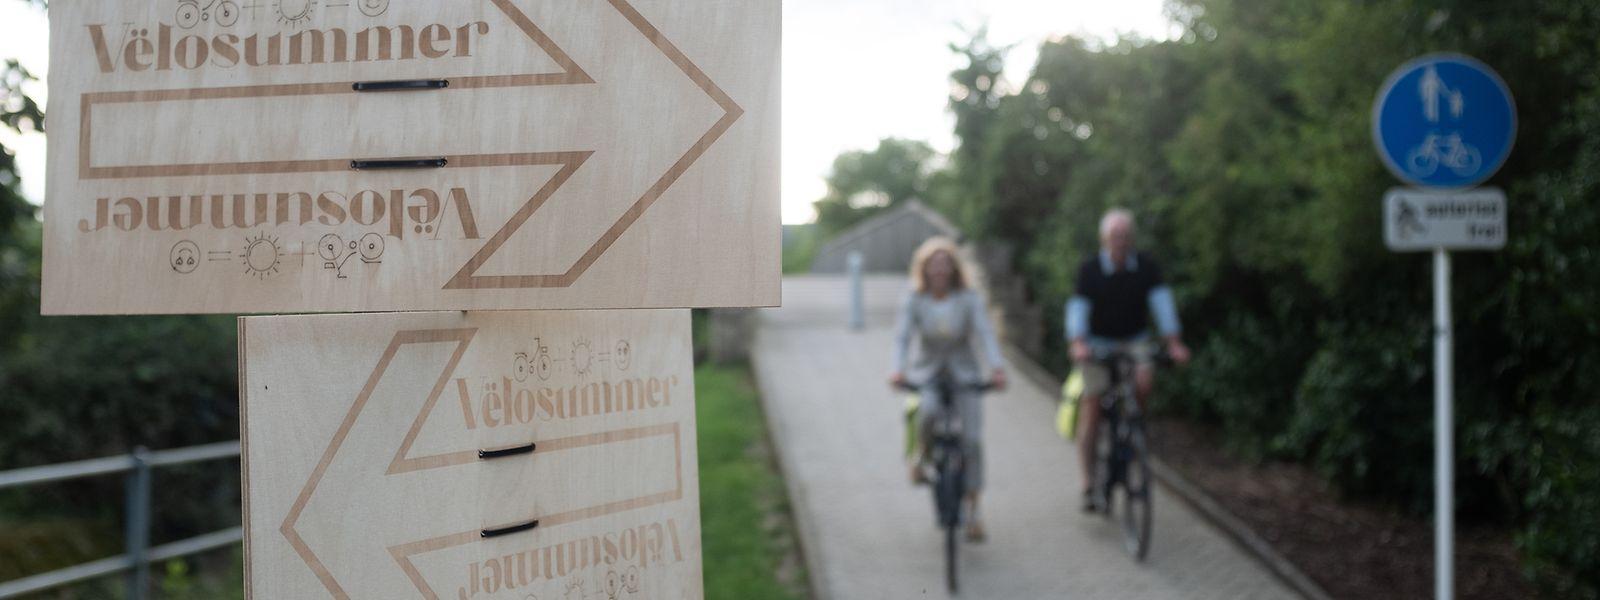 Die Rundwege sind sowohl mit Holztafeln als auch mit Bodenmarkierungen gekennzeichnet.